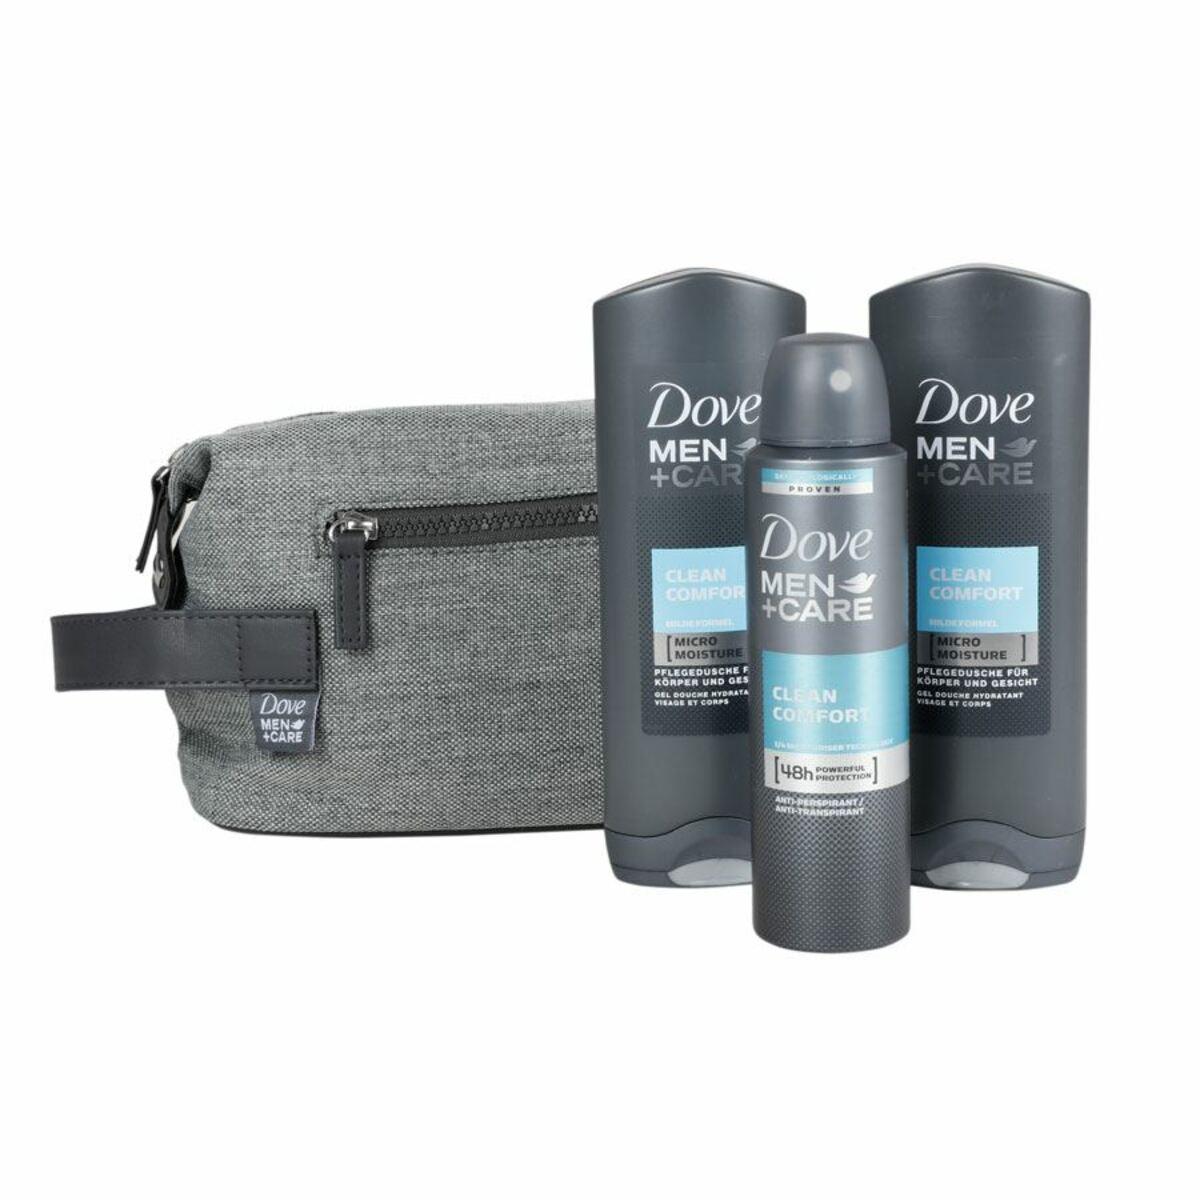 Bild 1 von DOVE Men+Care Geschenkset mit Kulturbeutel